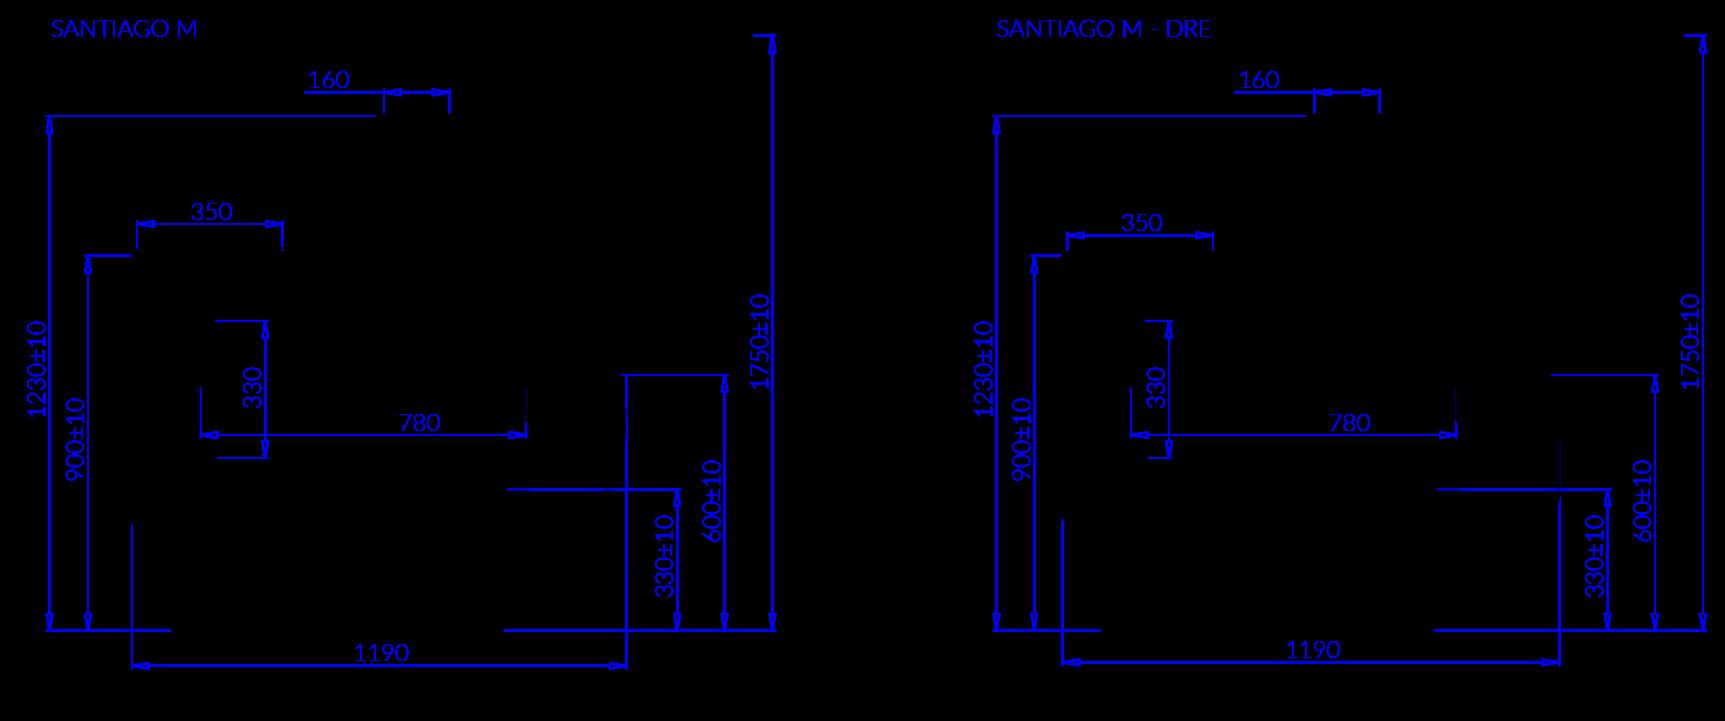 Technische Bezeichnung SANTIAGO M MOD C